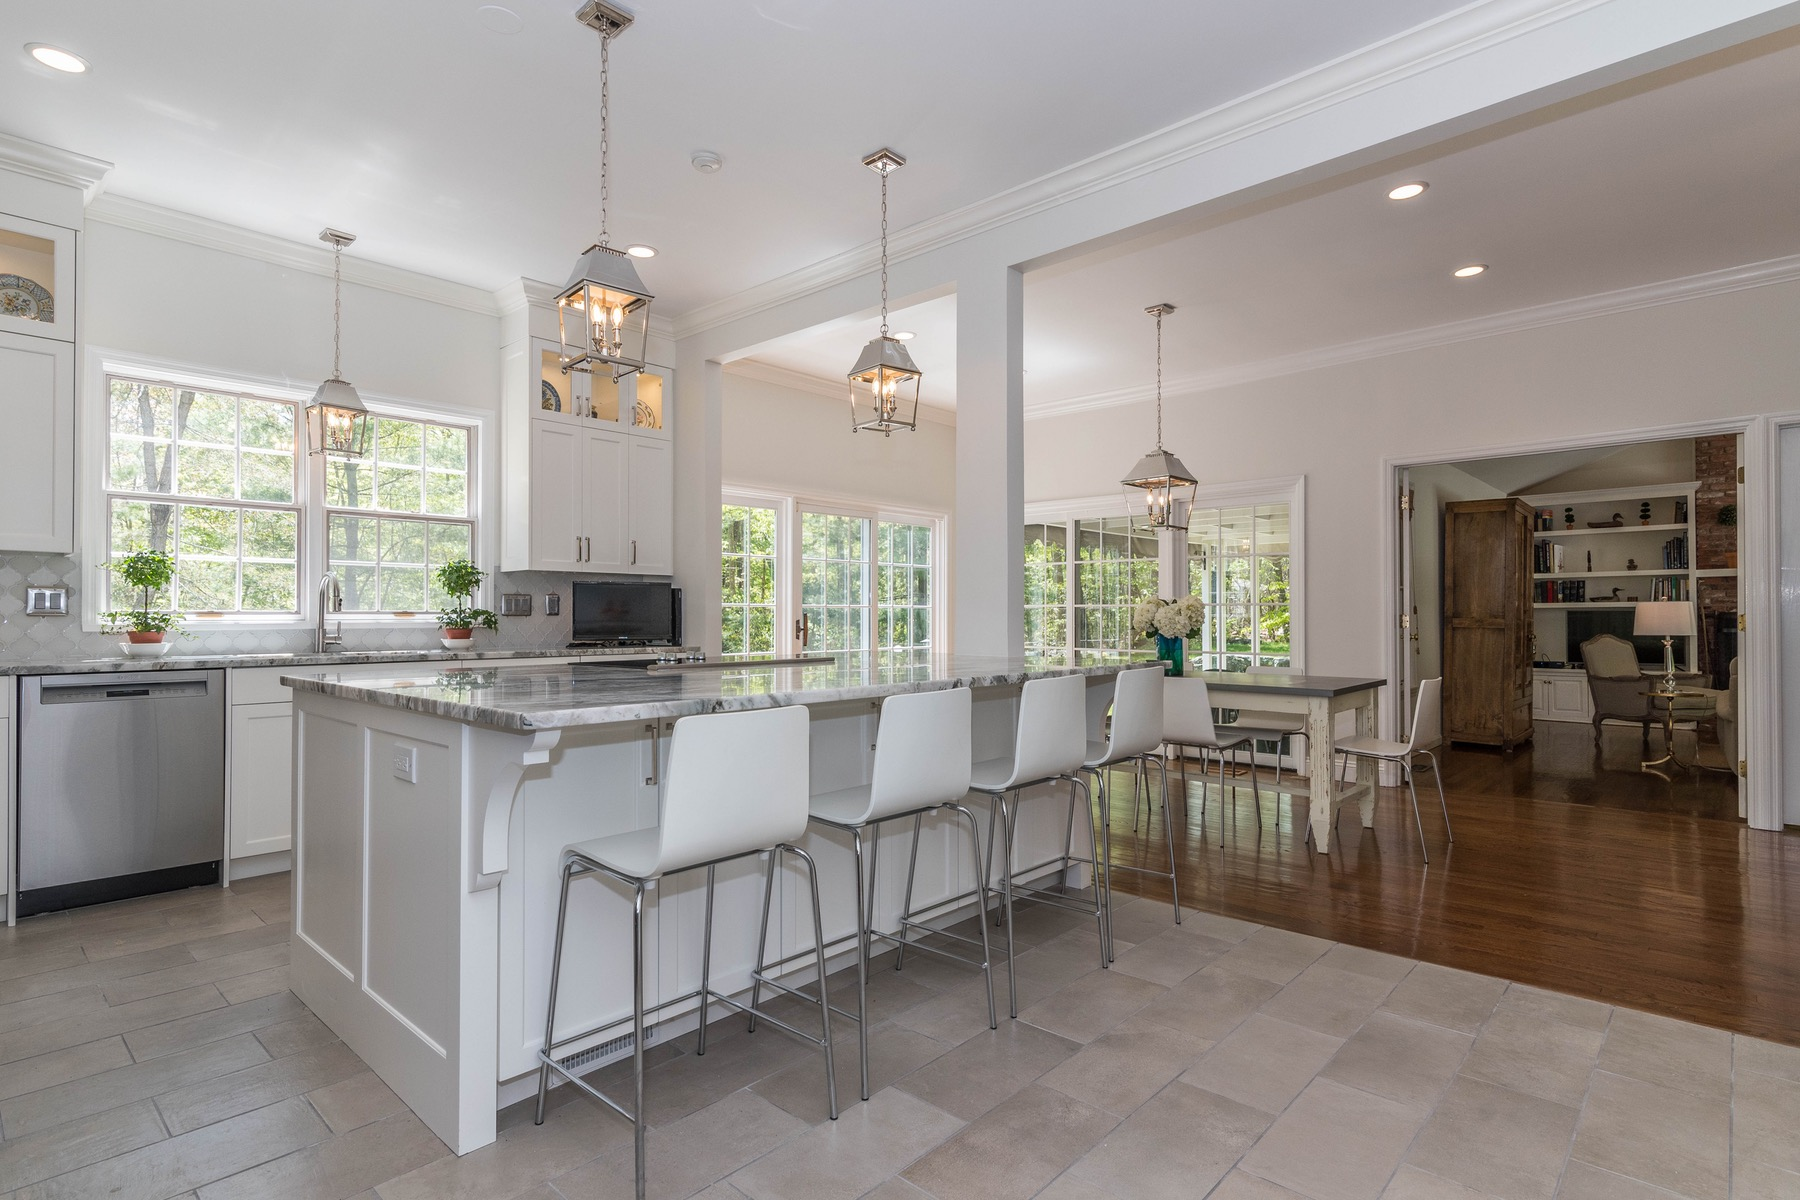 단독 가정 주택 용 매매 에 411 Thayer Pond Road Wilton, 코네티컷, 06897 미국